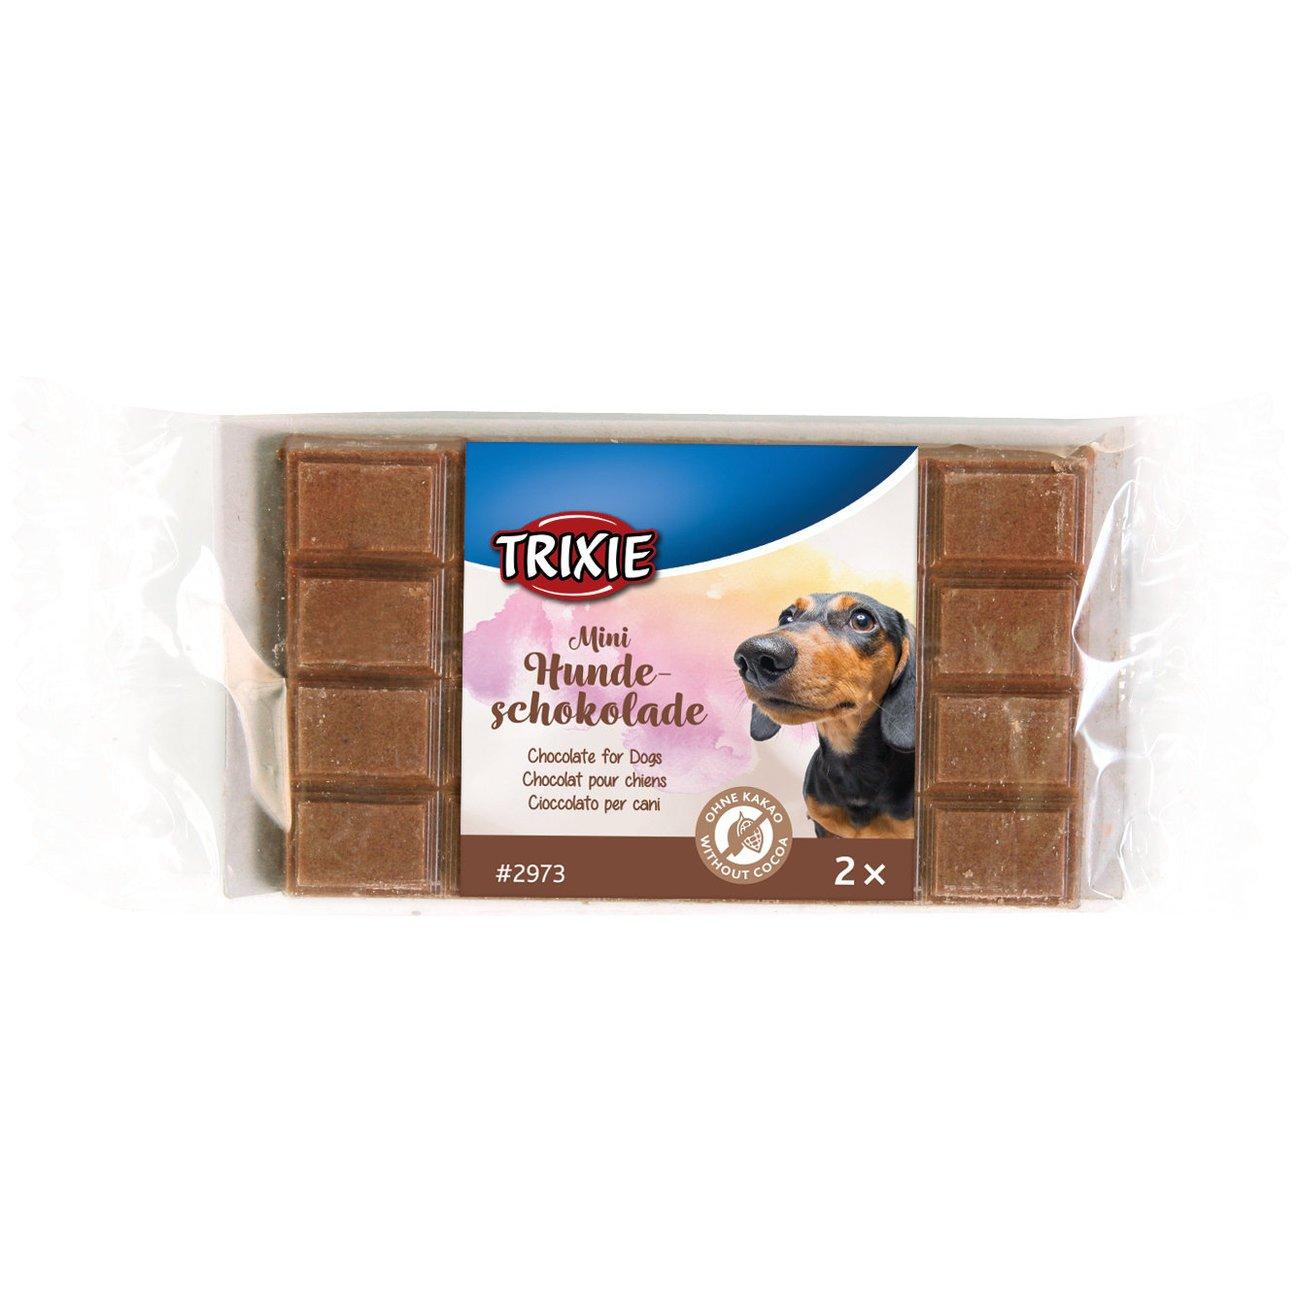 Trixie Hunde Schokolade Mini-Schoko, 2er Riegel, 2er Riegel, 30 g